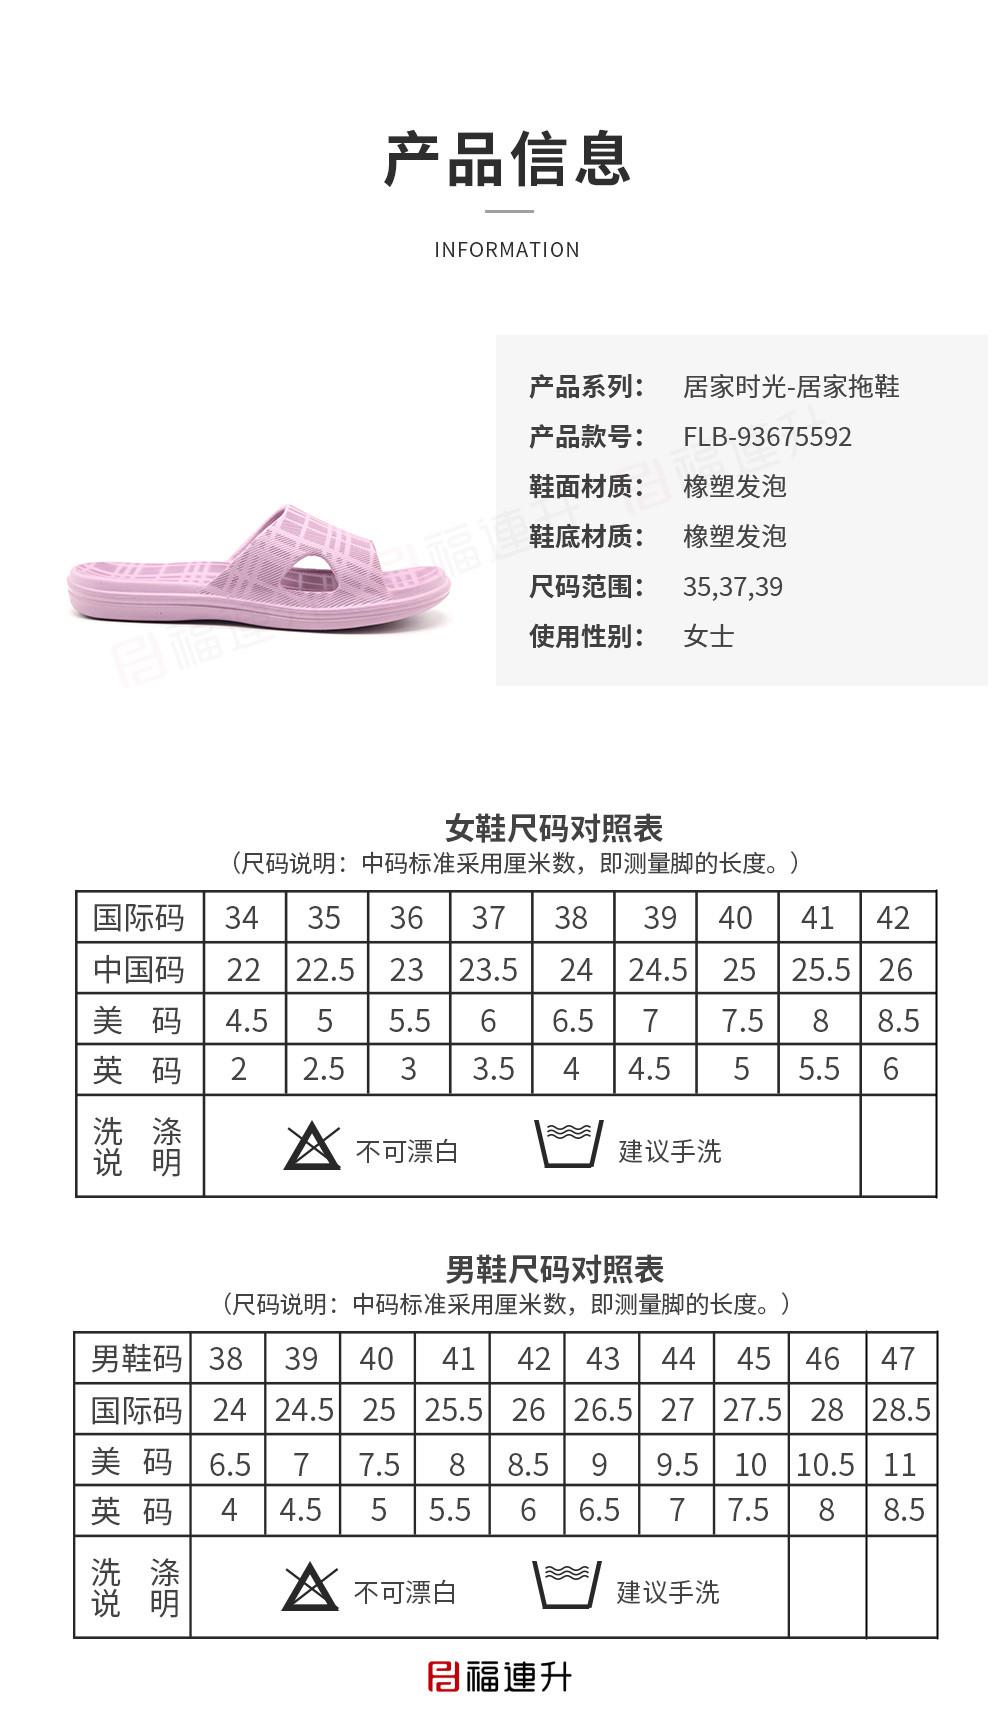 福连升女士凉拖鞋家居室内防滑软底女款拖鞋图片